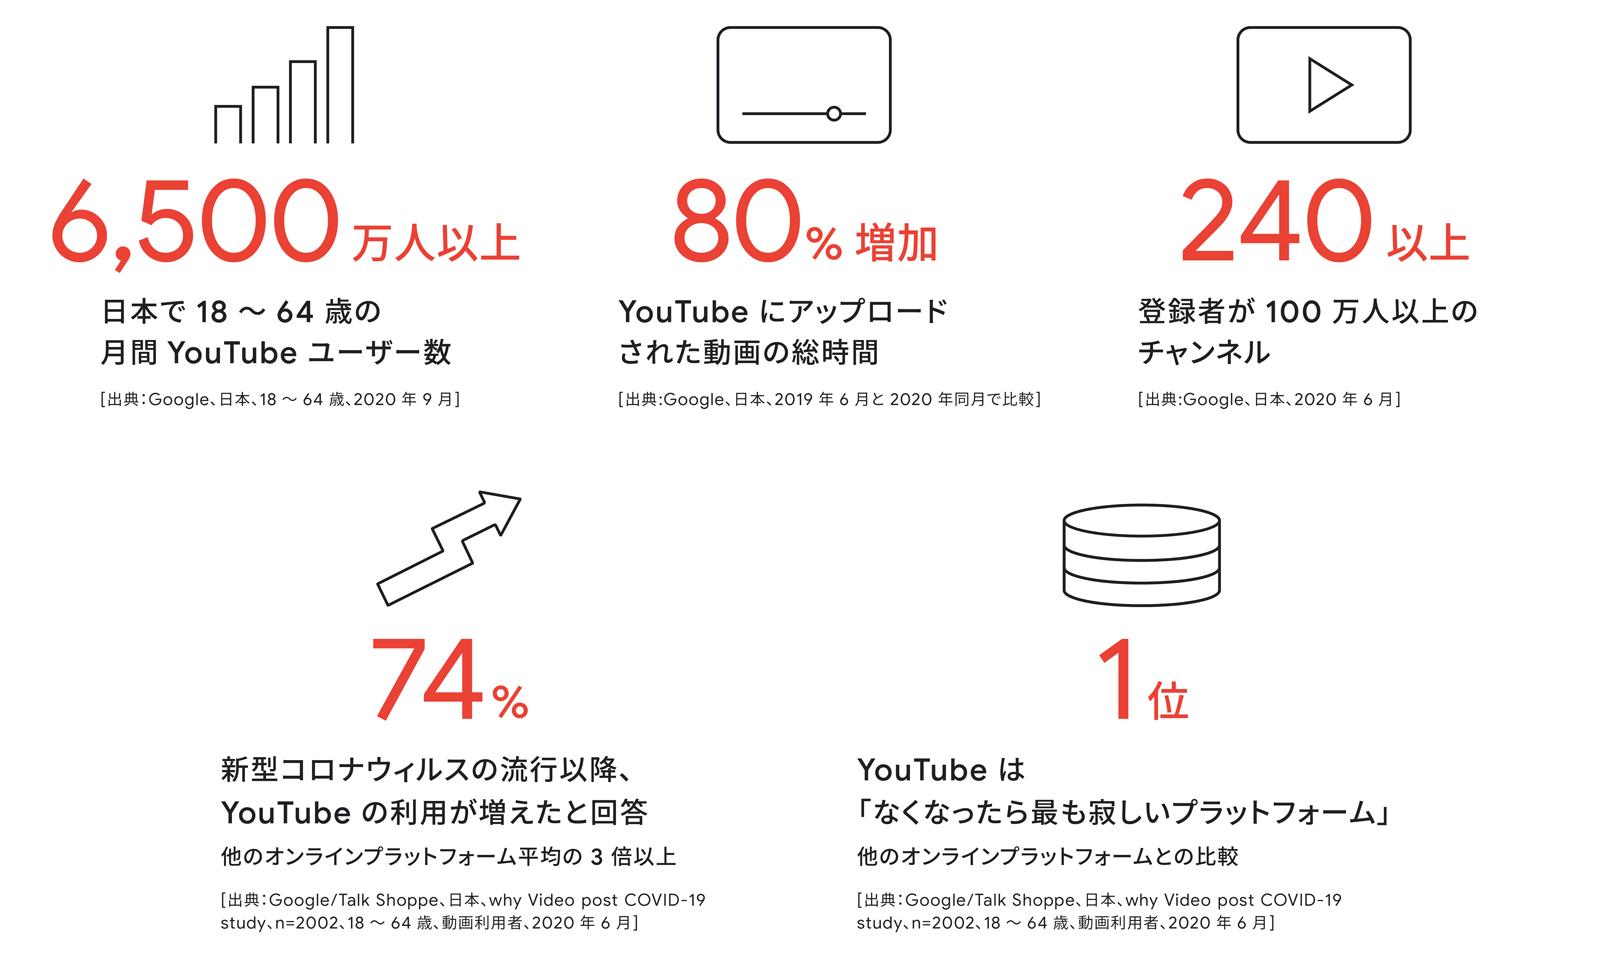 YouTubeの視聴者データ